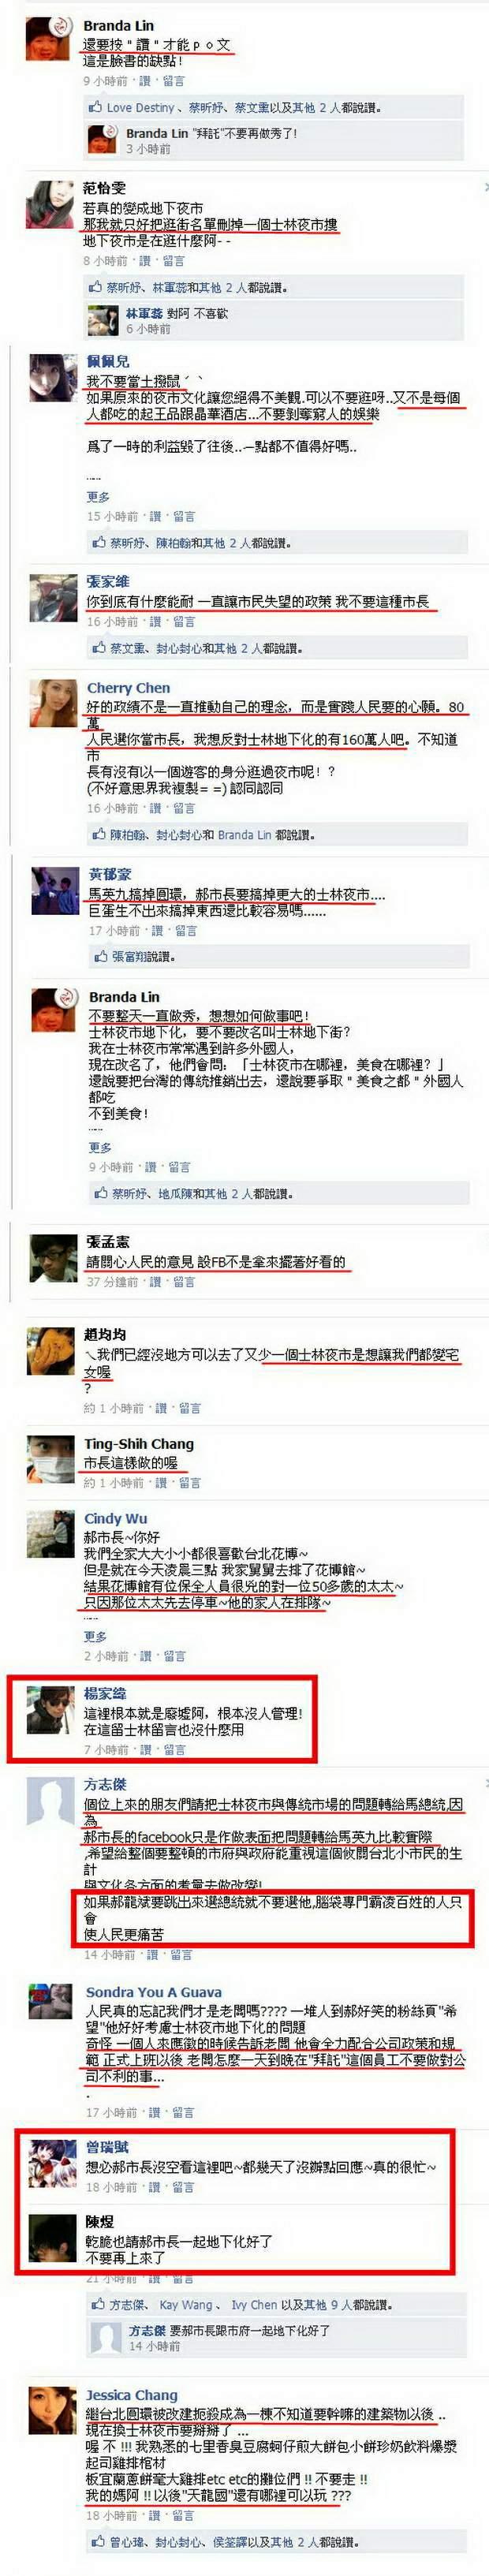 郝龍斌Facebook-2011.04.17-01-1.jpg